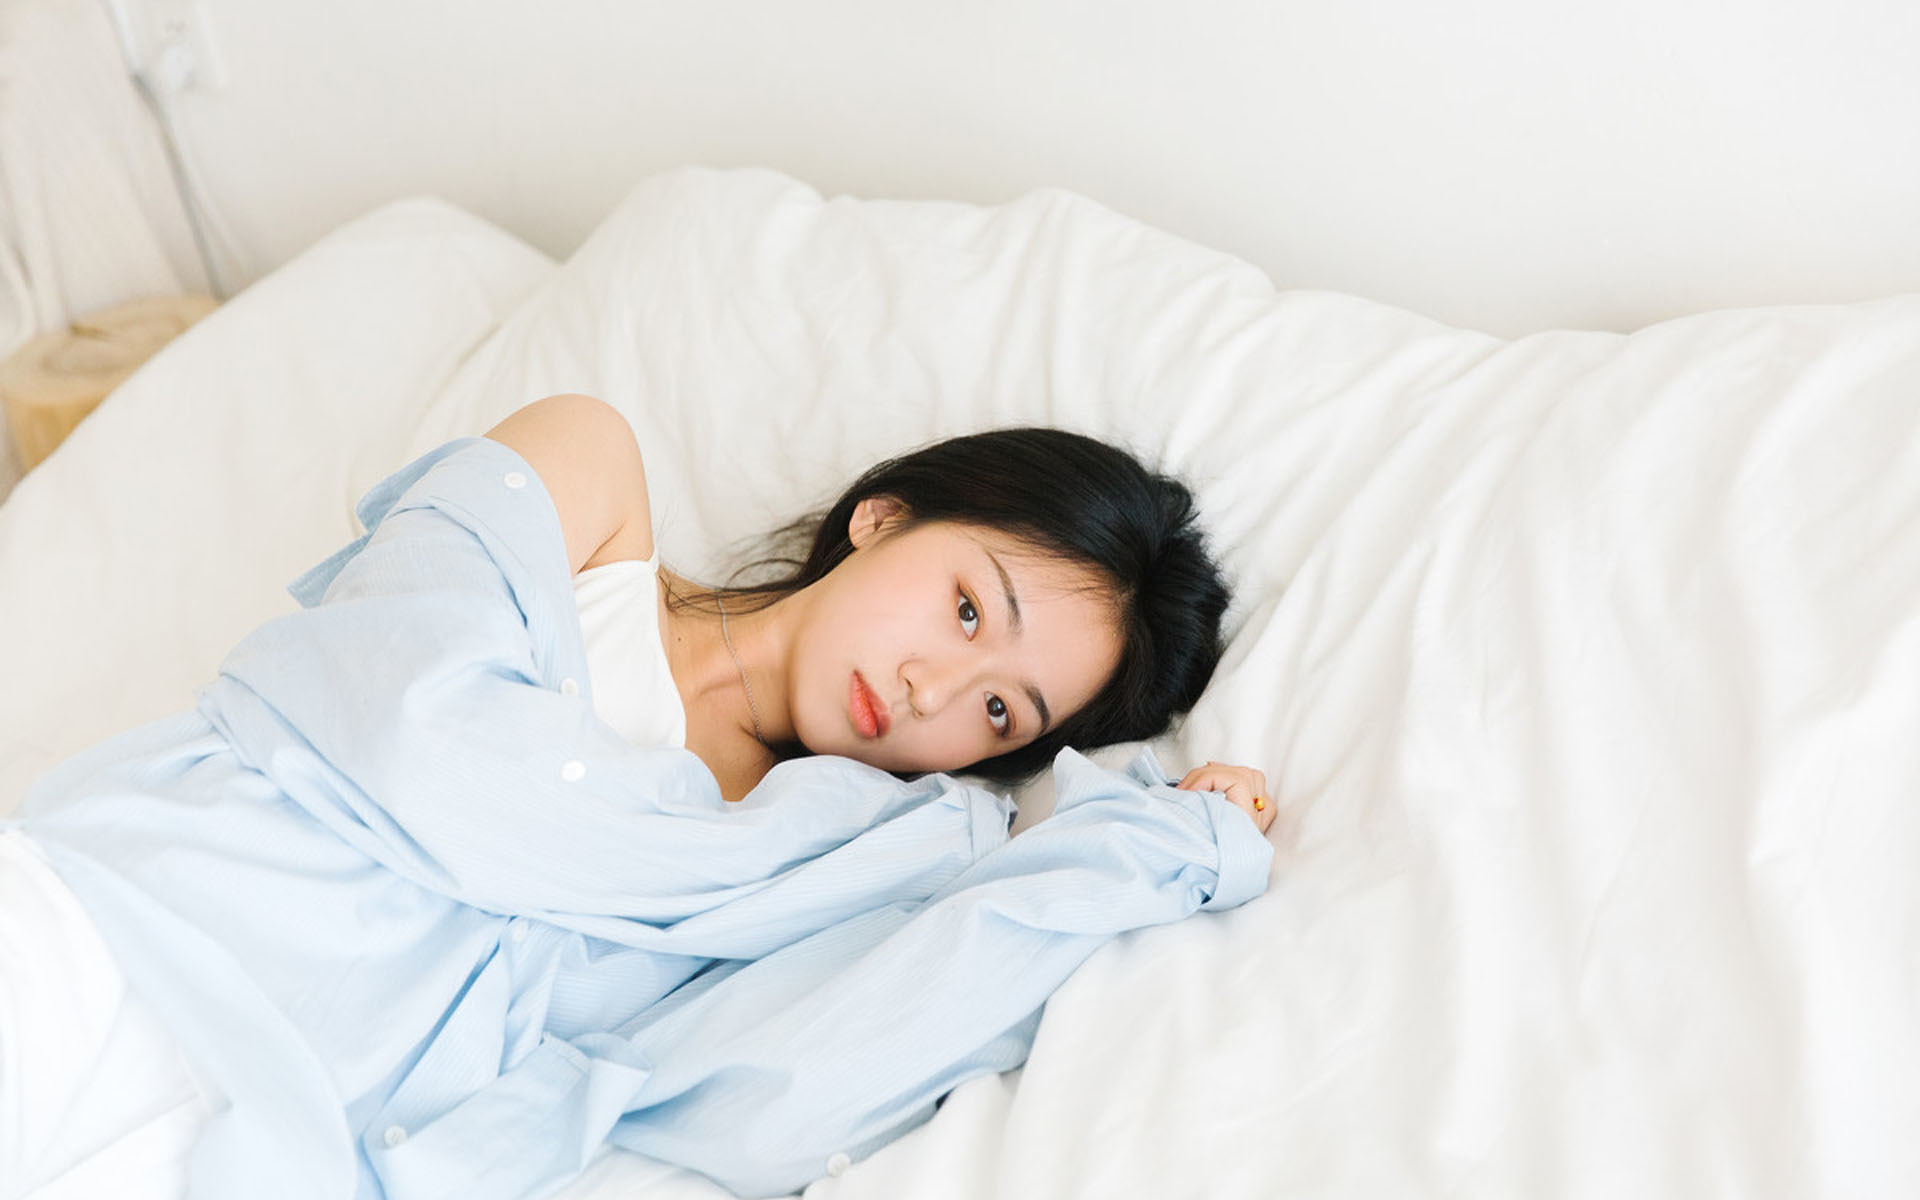 护妻狂卫-叶锋, 沈芊雪-都市情感小说